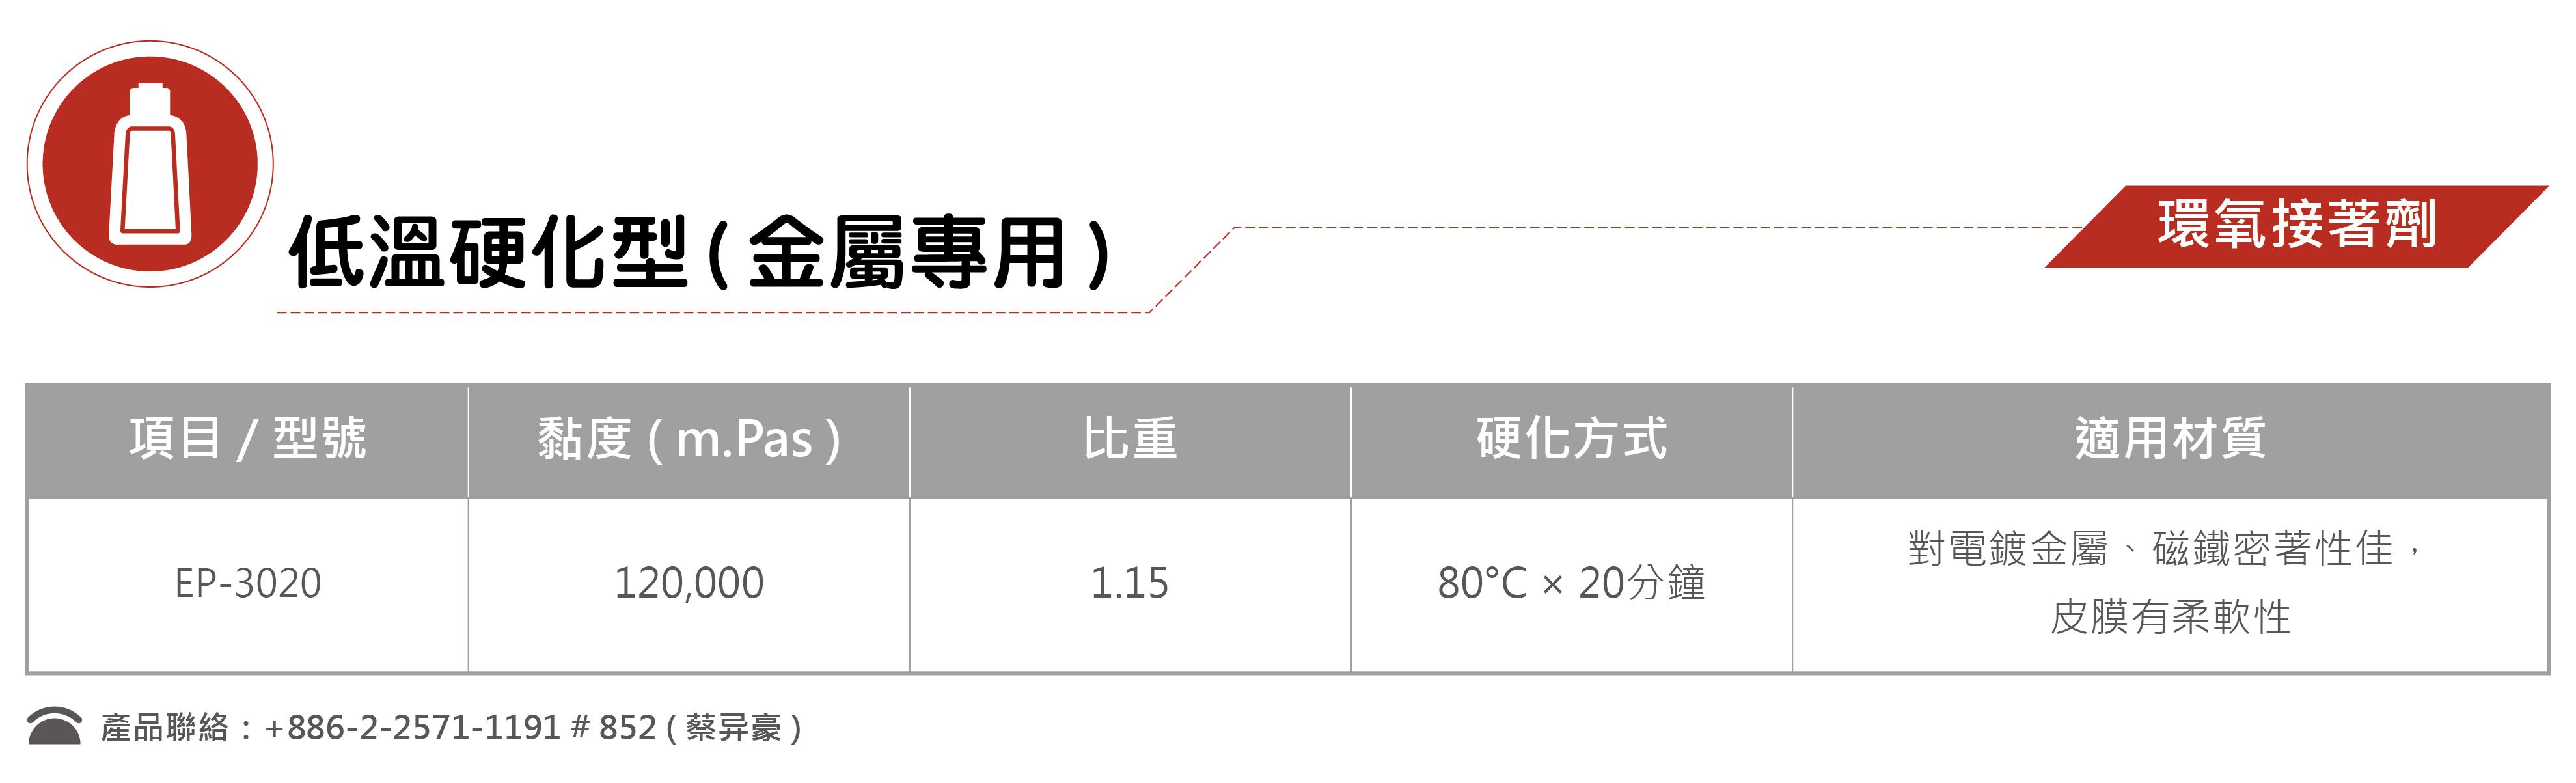 2-3低溫硬化型(金屬專用)